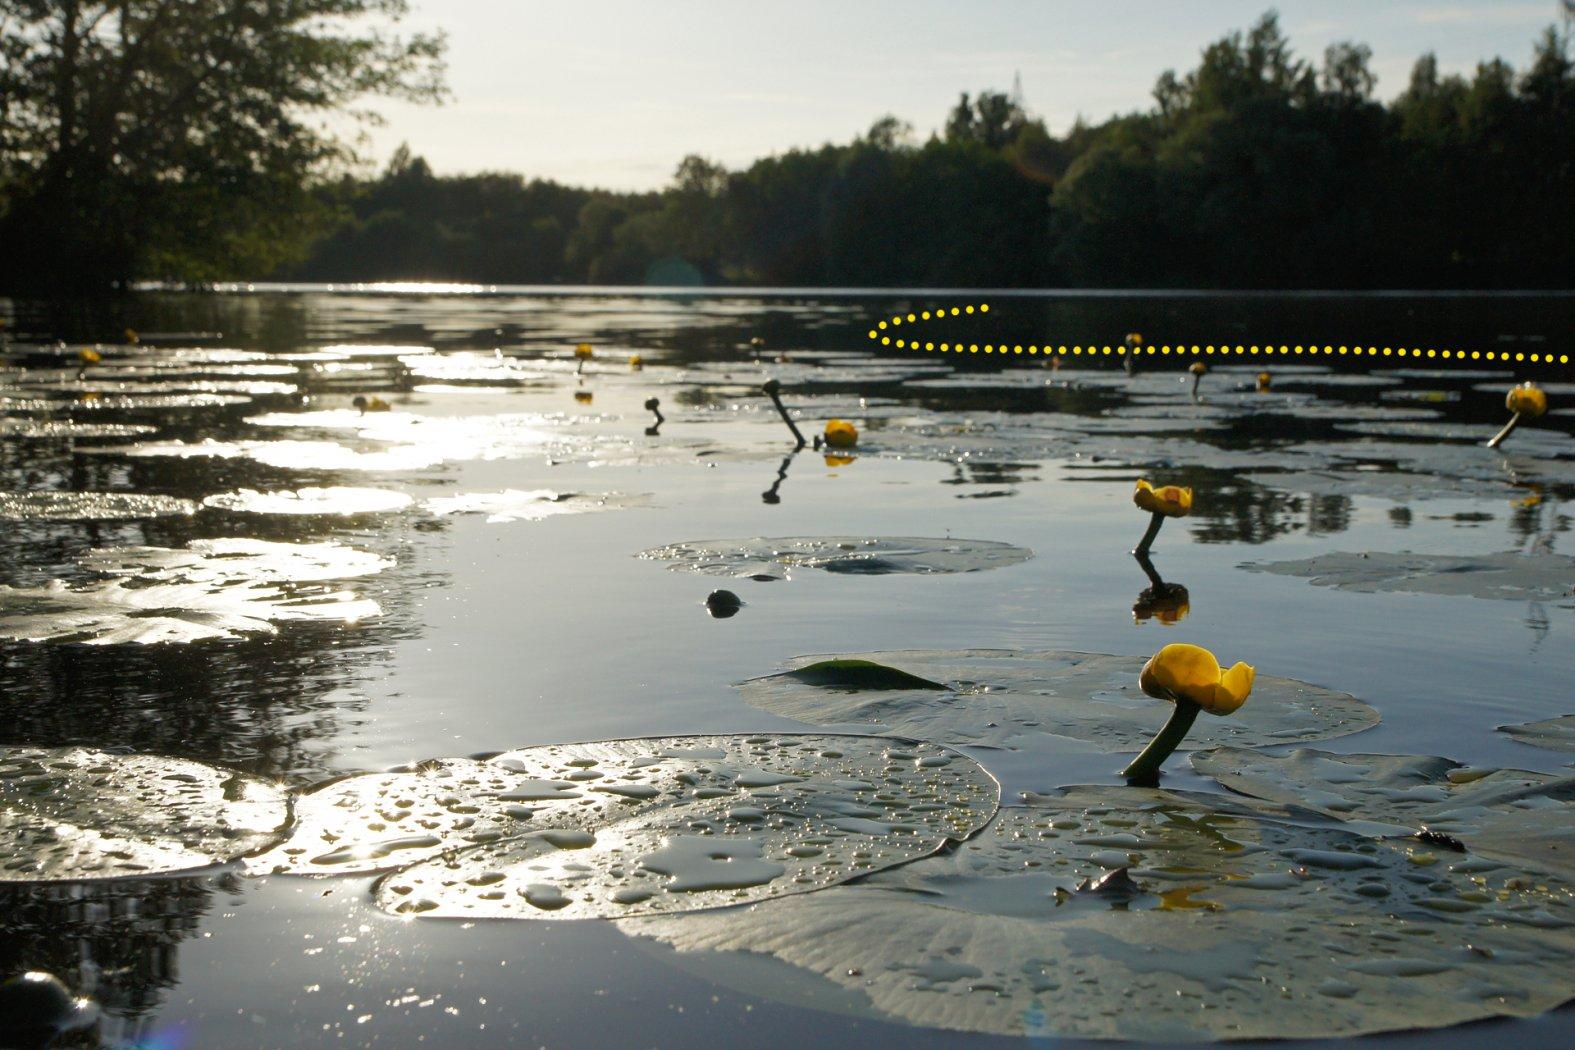 Karpfenangeln vor Seerosen